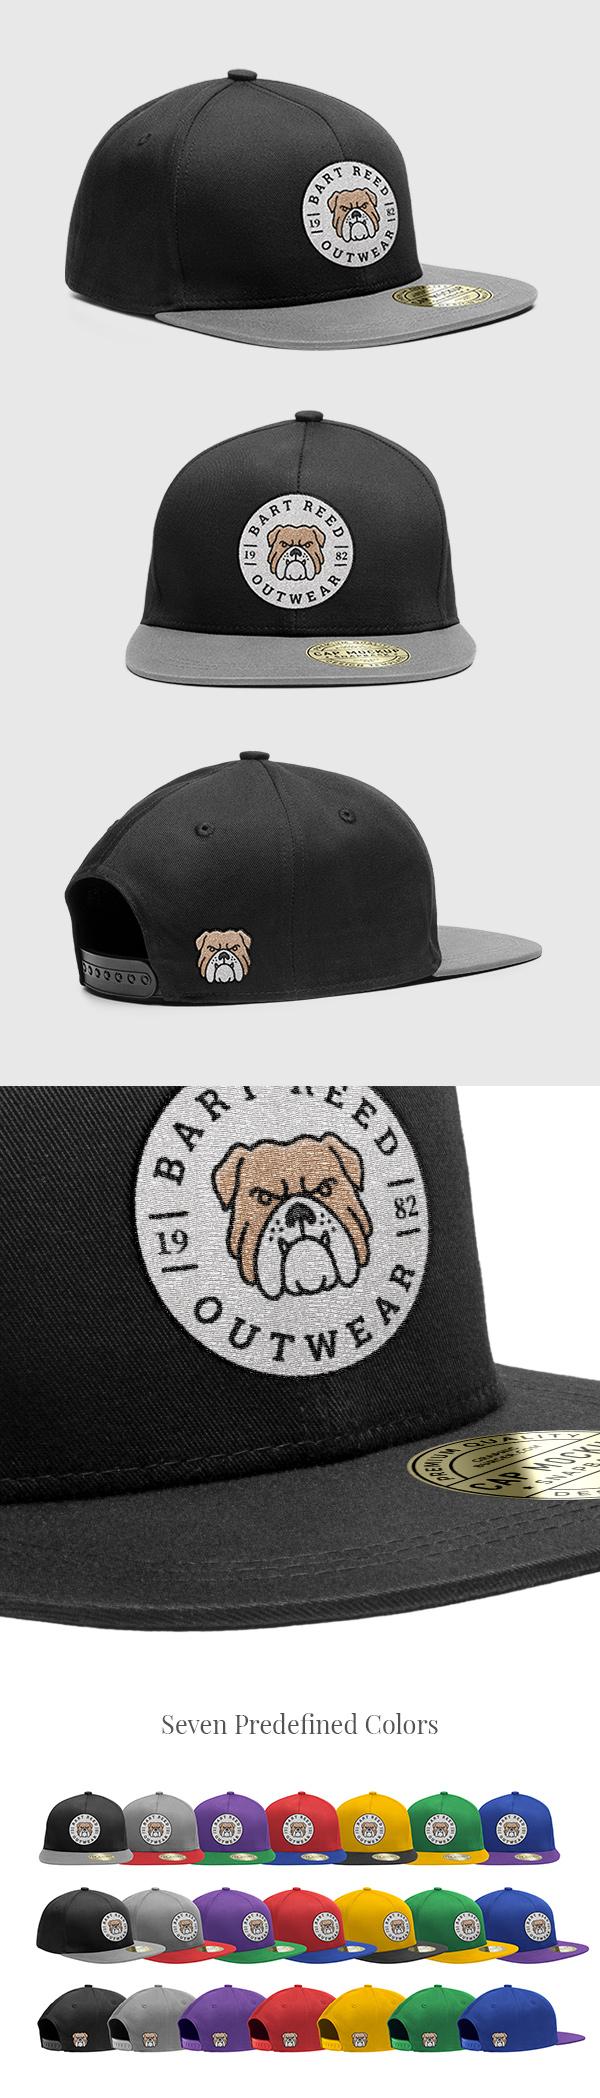 时尚的鸭舌帽展示模型(Mockup)下载[PSD]